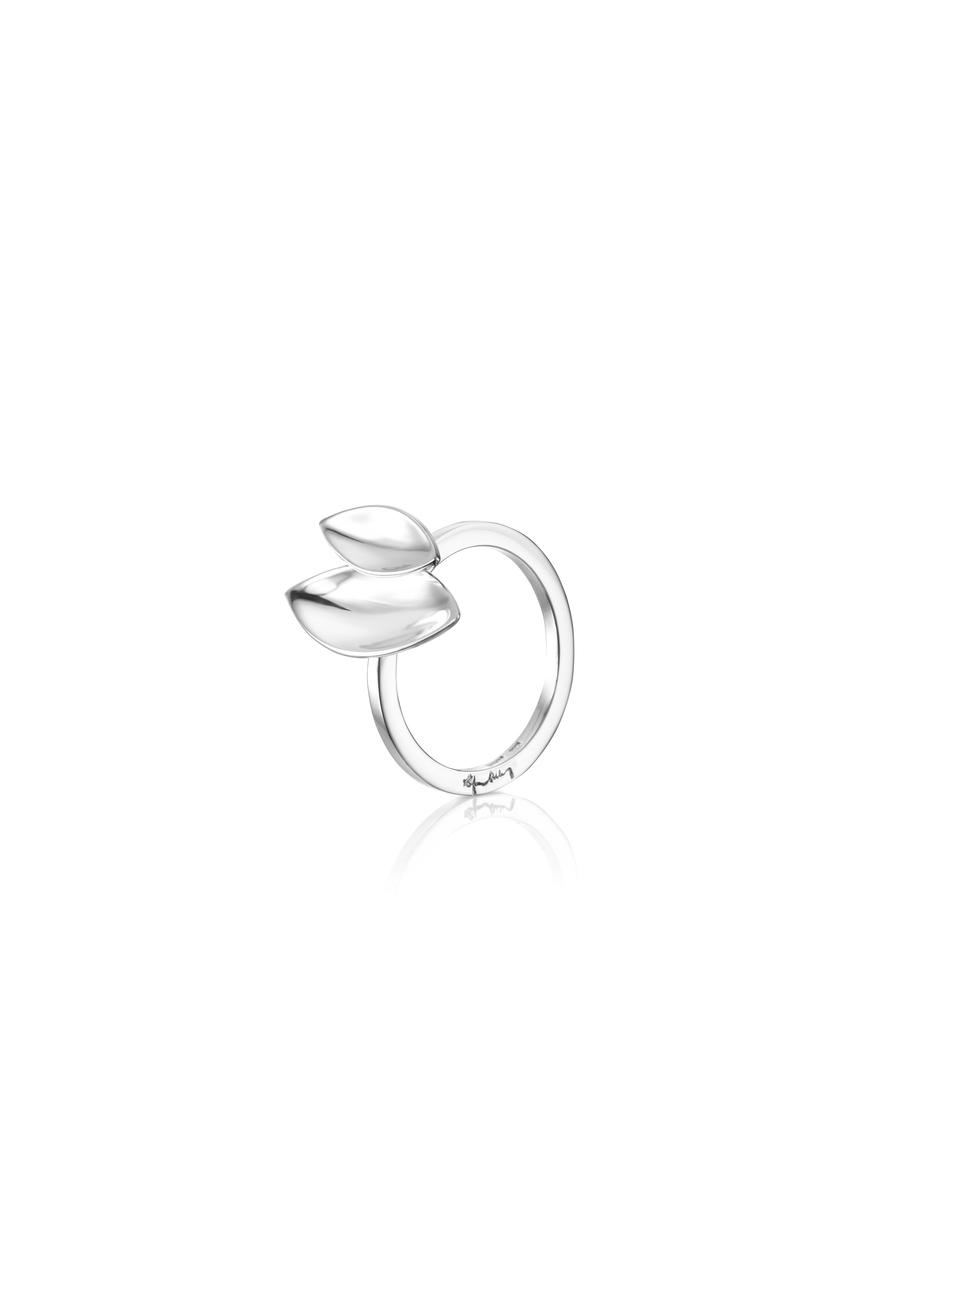 Little Navette Ring 13-100-01385(1).jpg